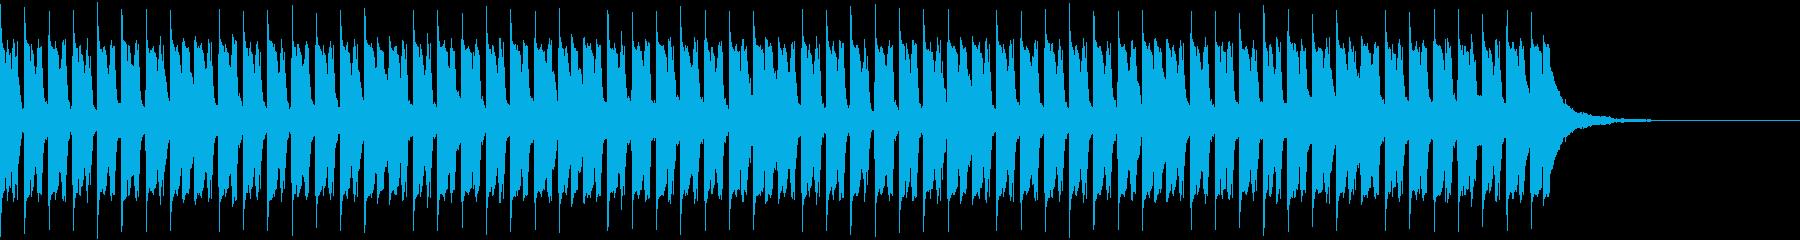 トランスビートとシンプルなシーケンスの再生済みの波形